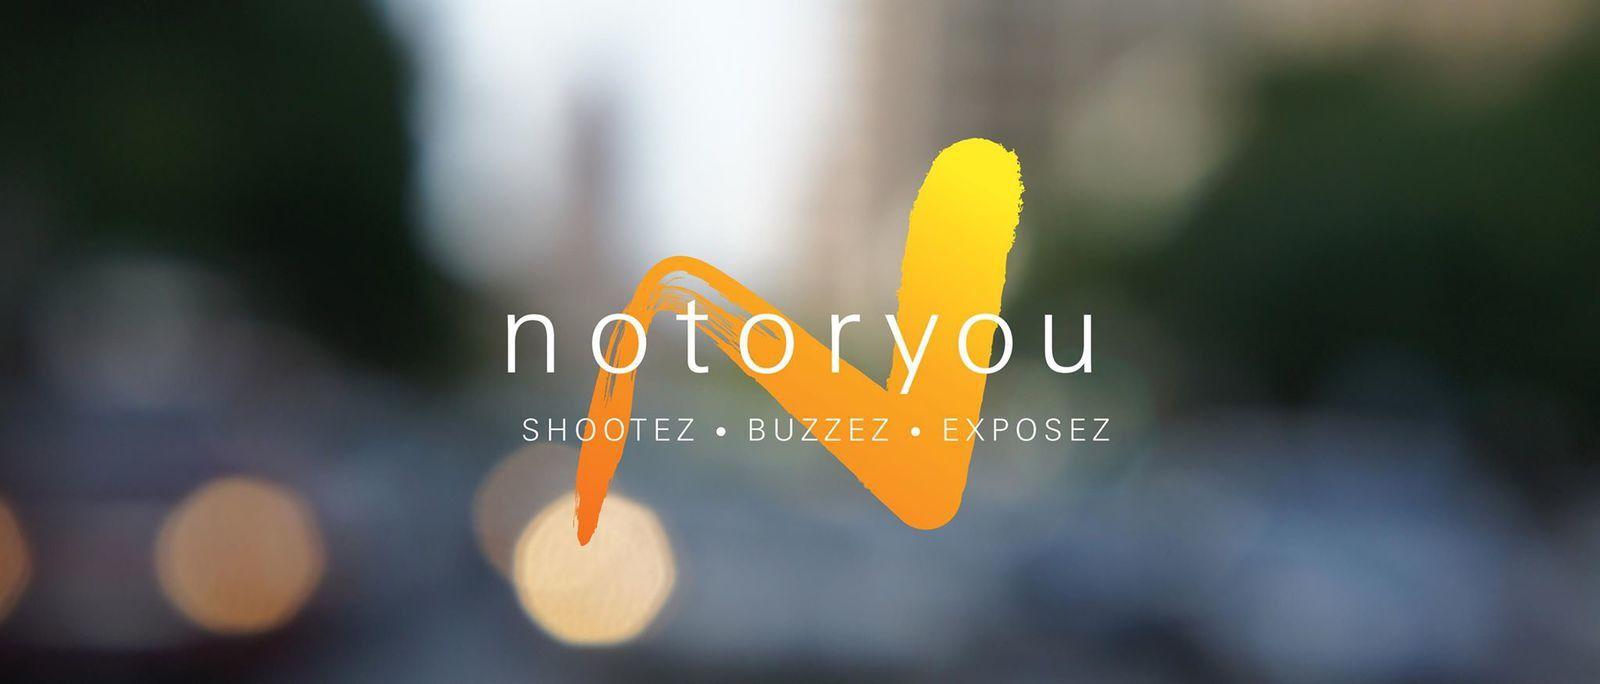 NOTORYOU : Shootez-Buzzez-Exposez !